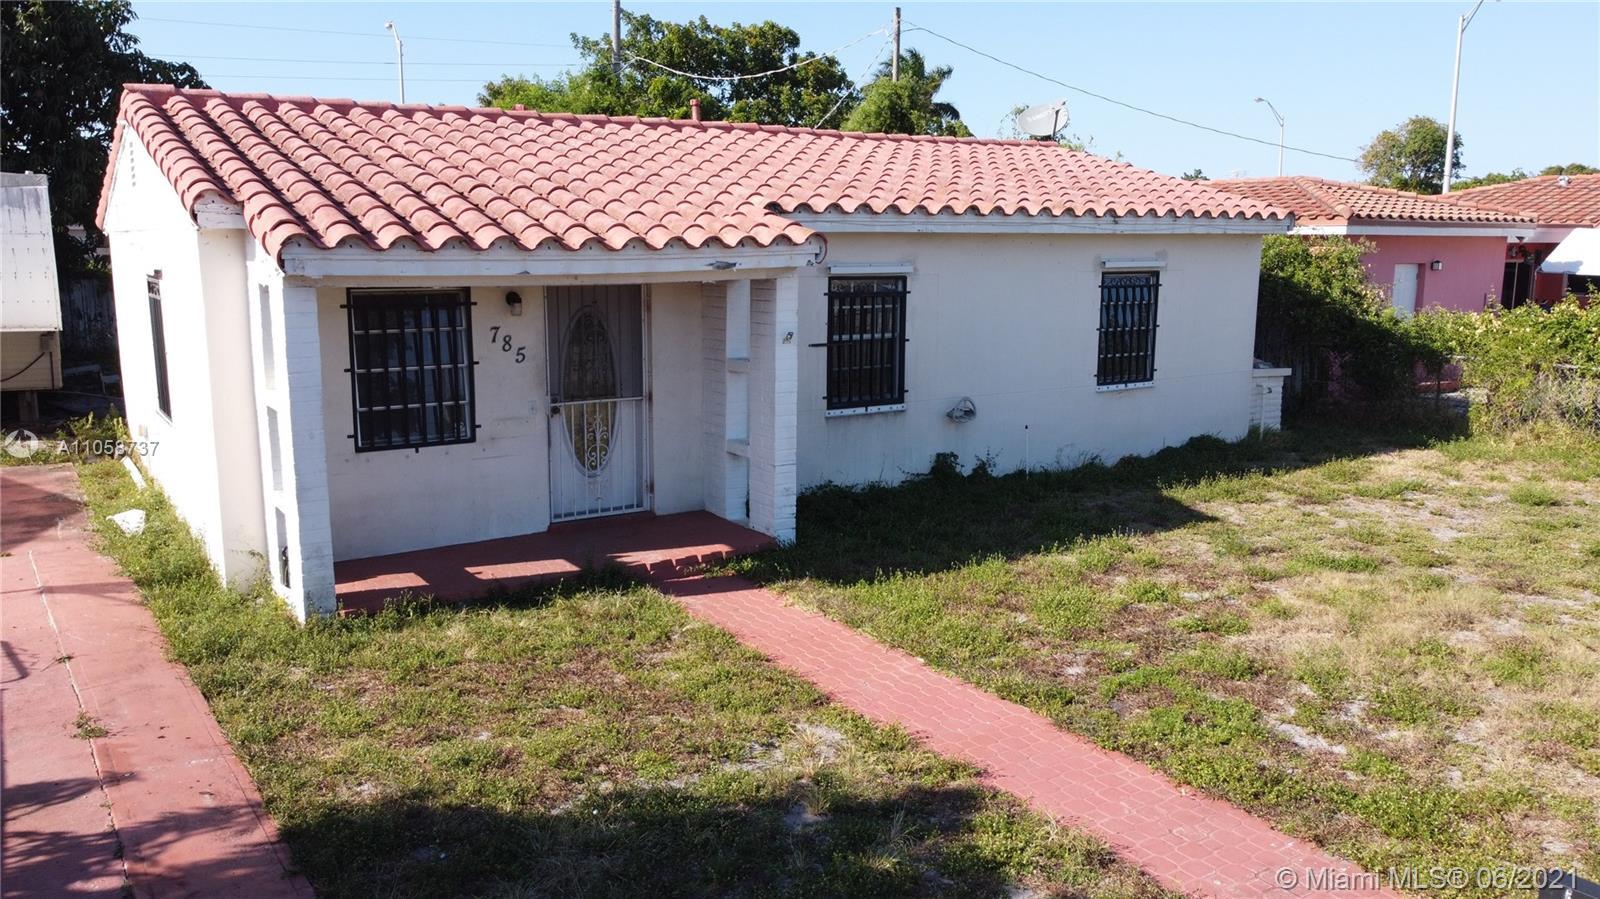 Sun-Tan Village - 785 E 6th St, Hialeah, FL 33010